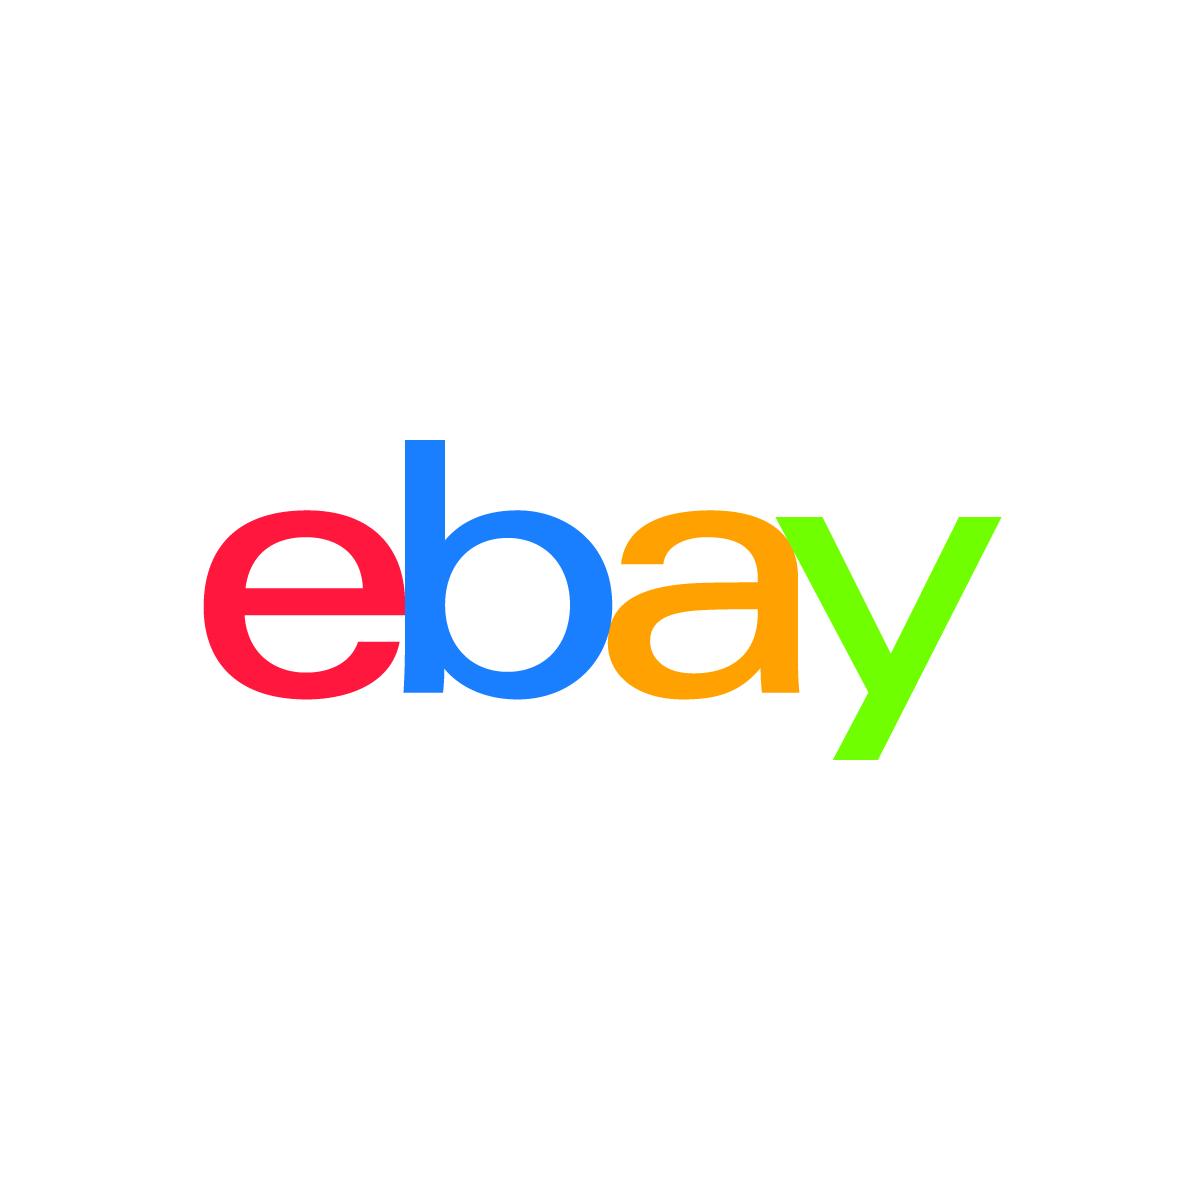 Heritage+WHT_ebay_logo_cmyk.jpg